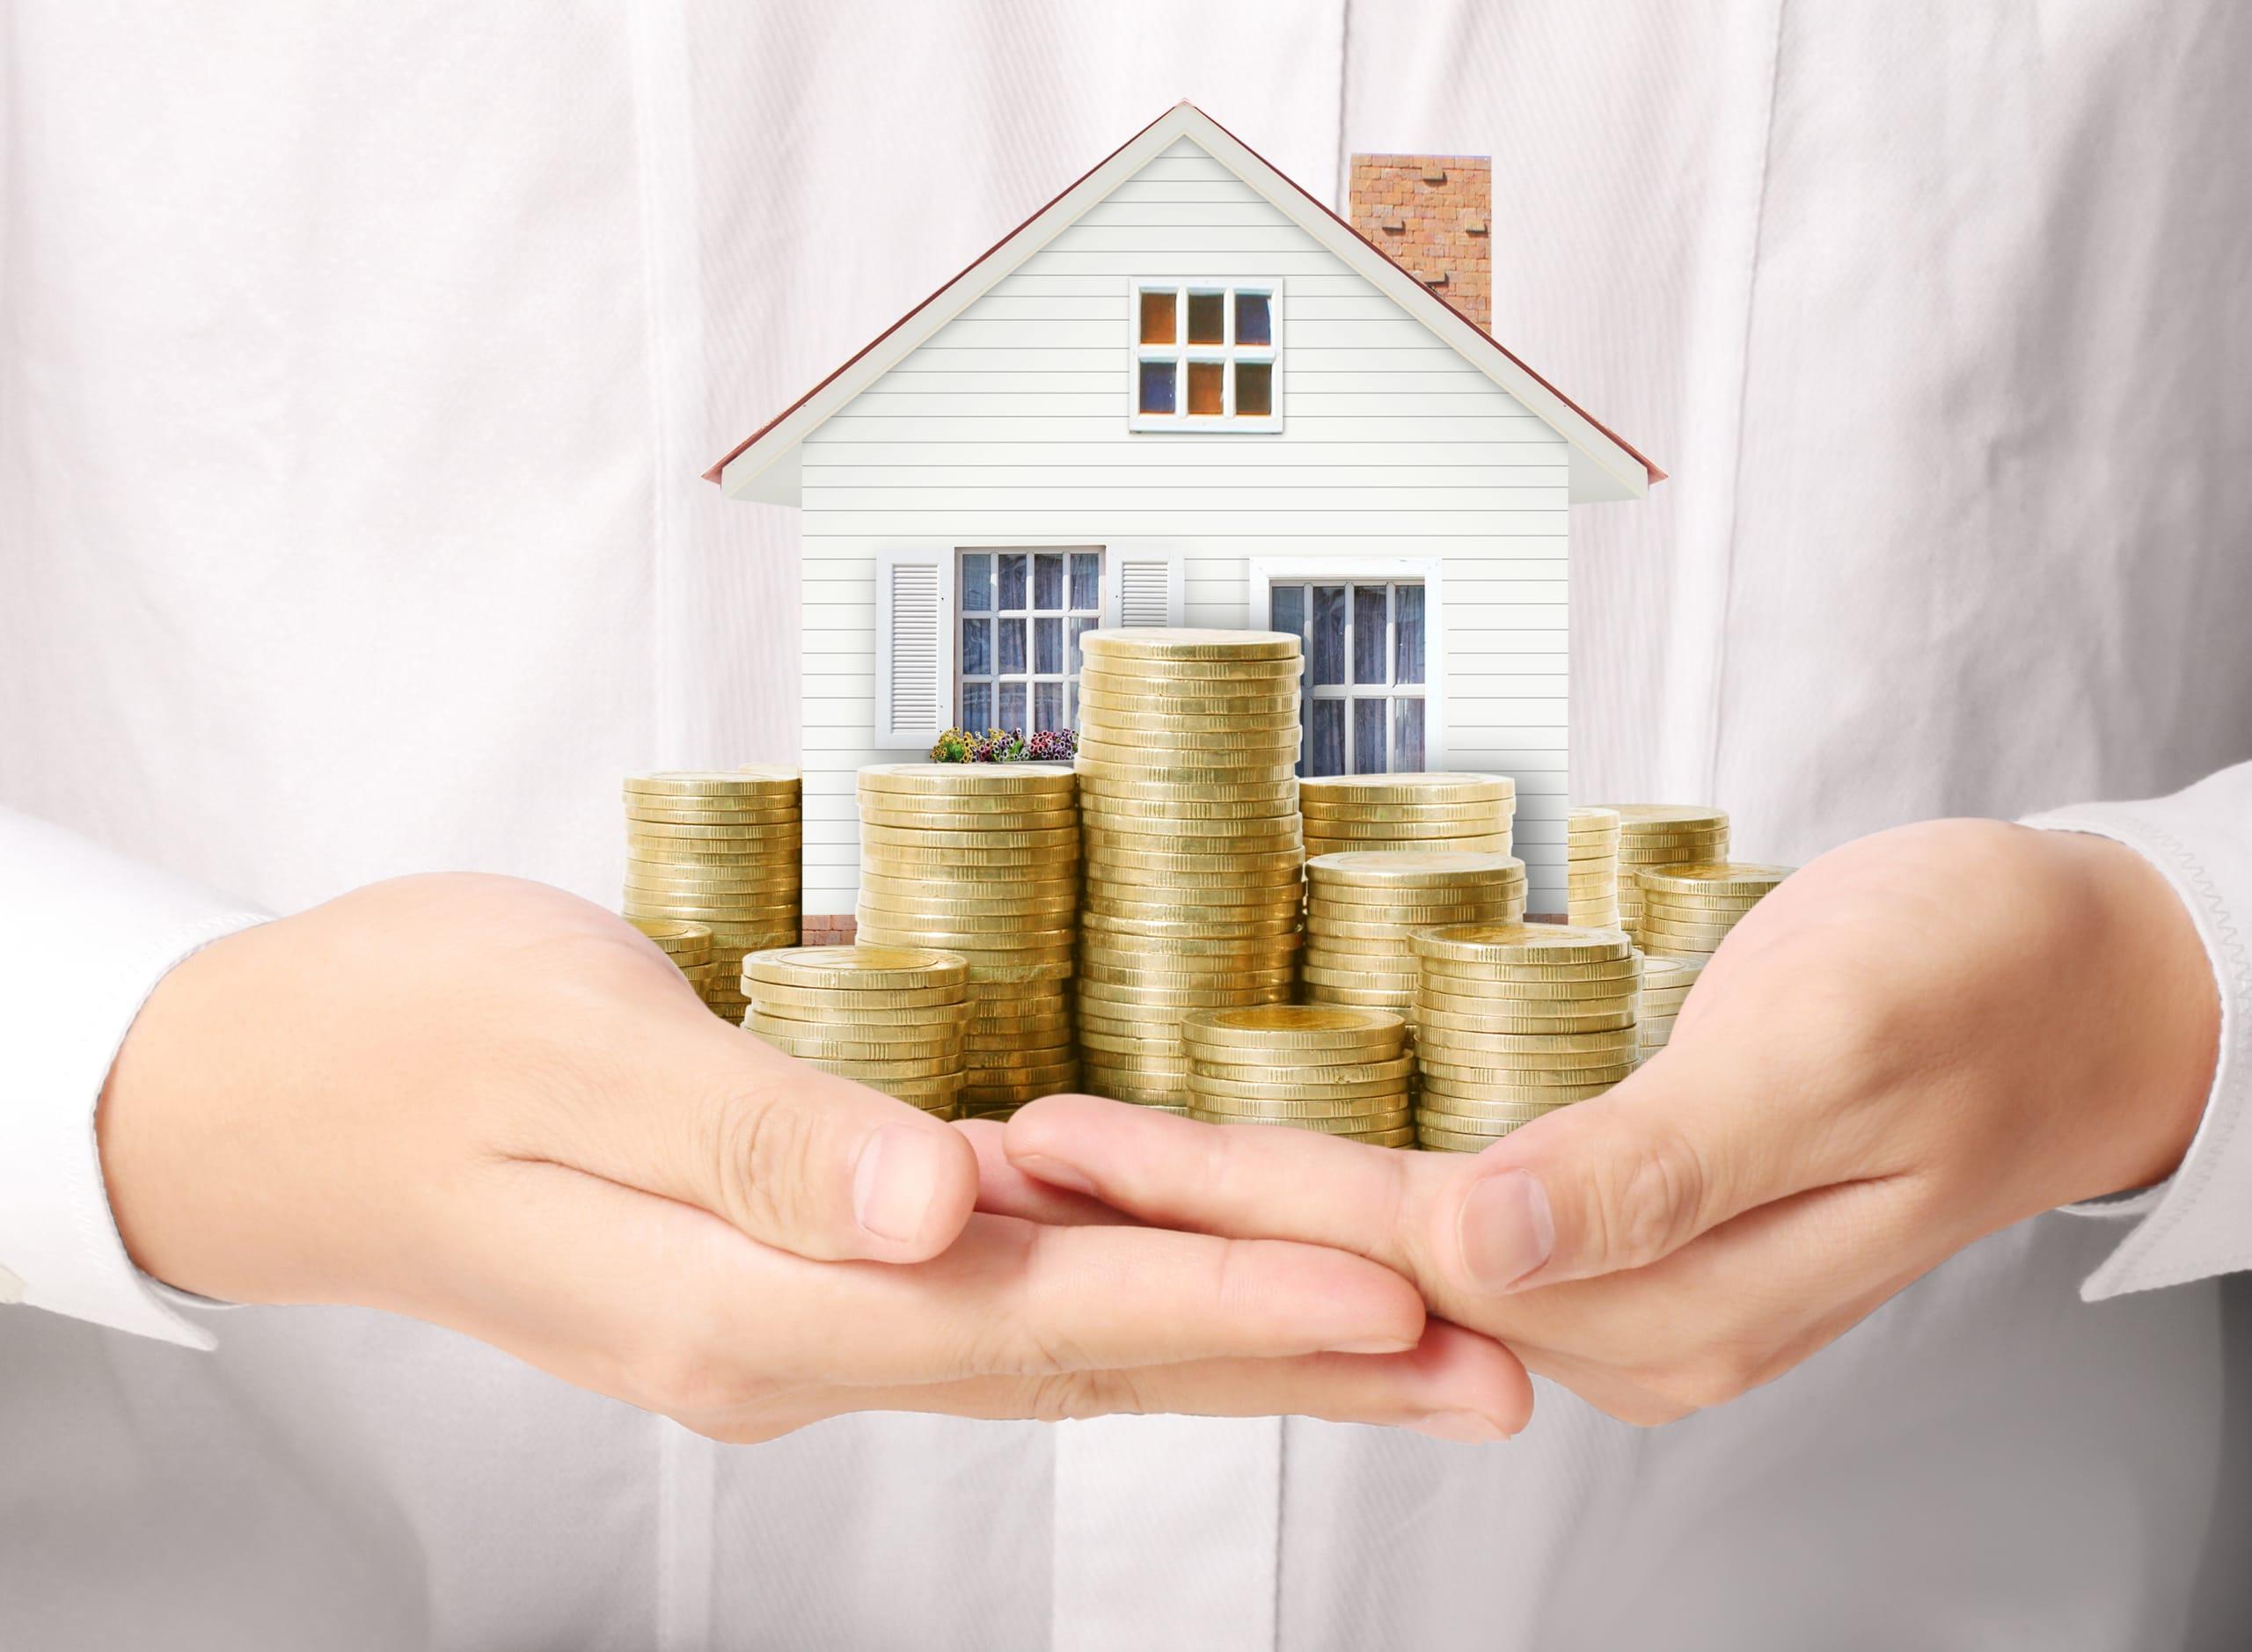 Comprar casas tasas interés